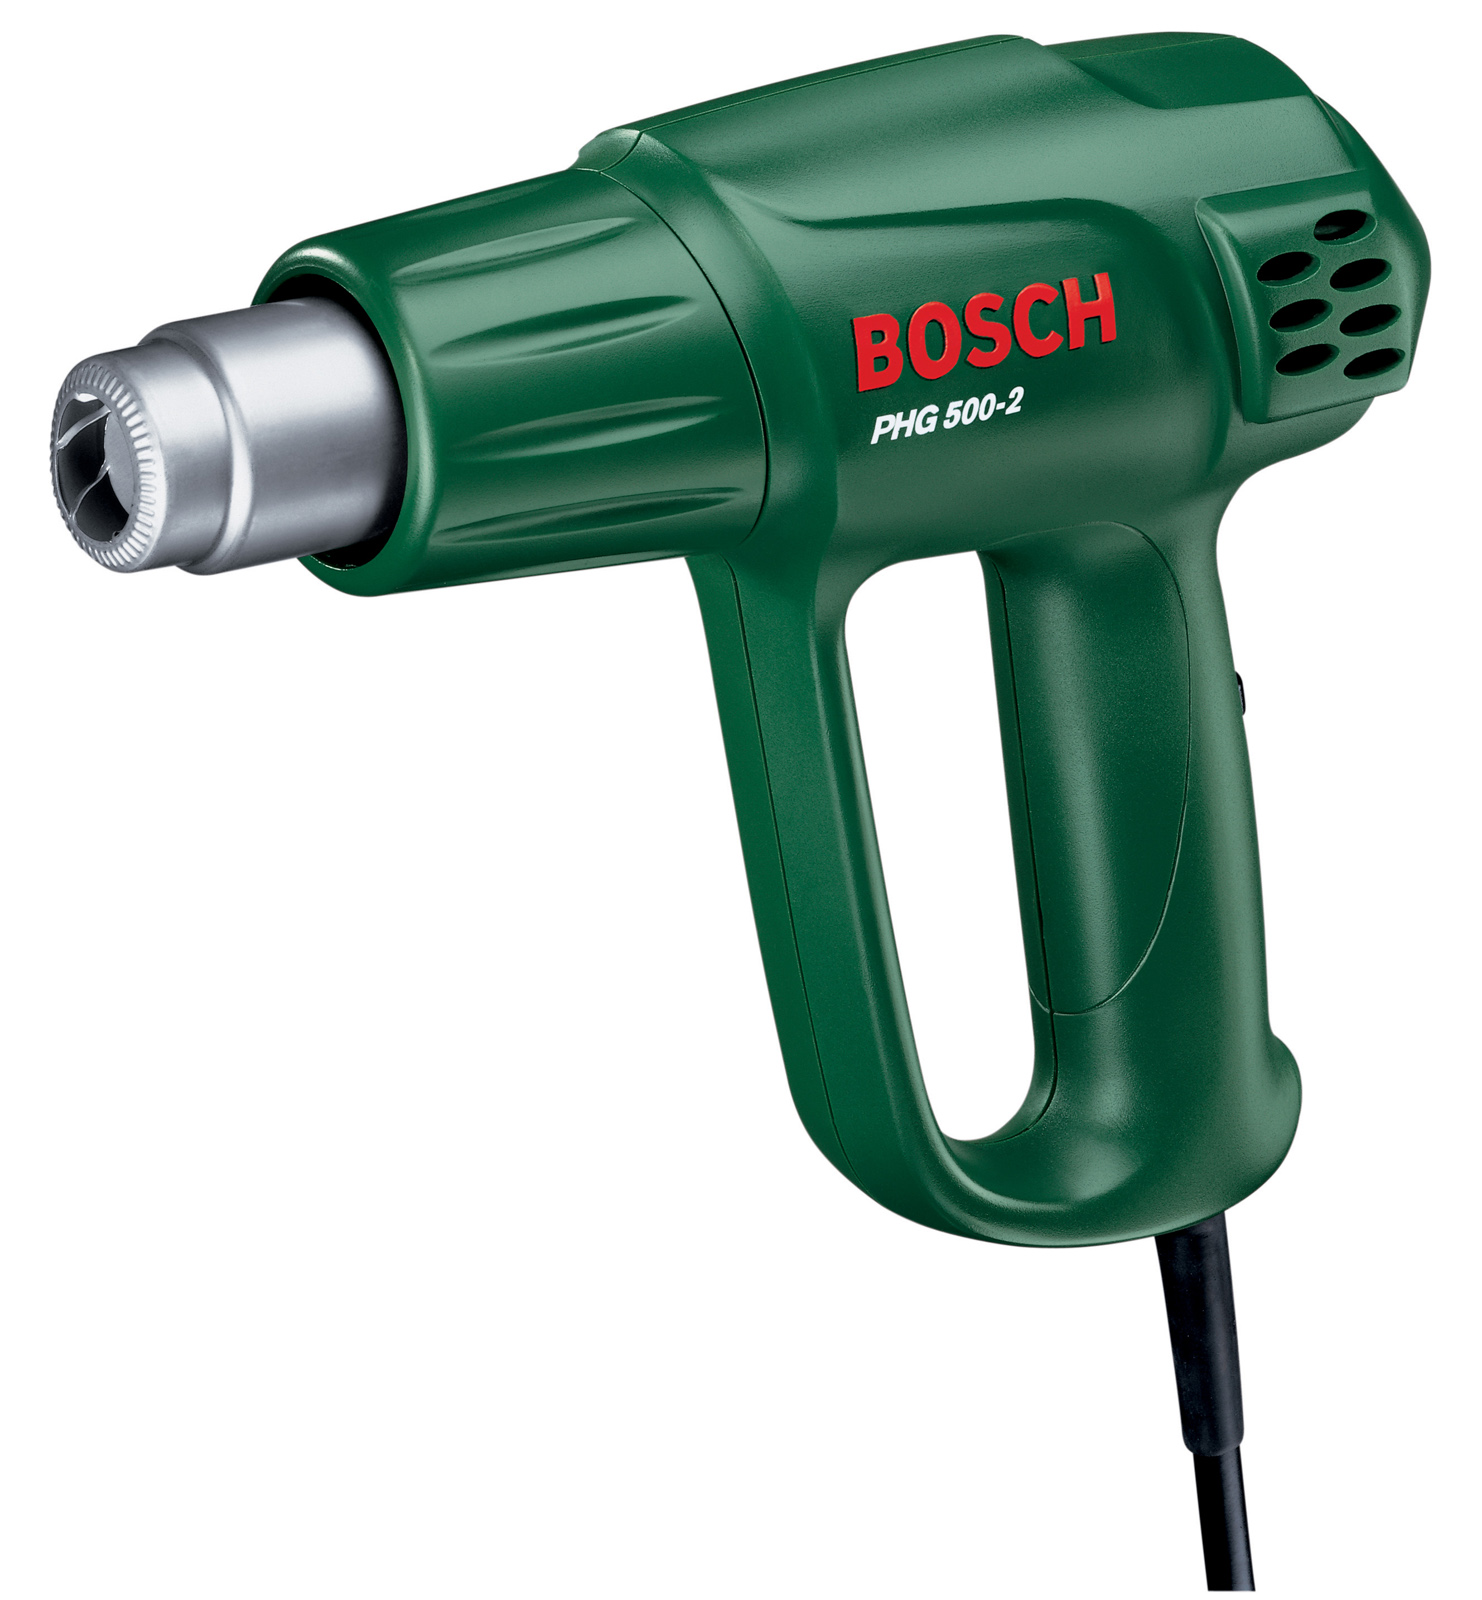 Фен технический Bosch Phg 500-2 (0.603.29a.008) строительный фен bosch phg 500 2 060329a008